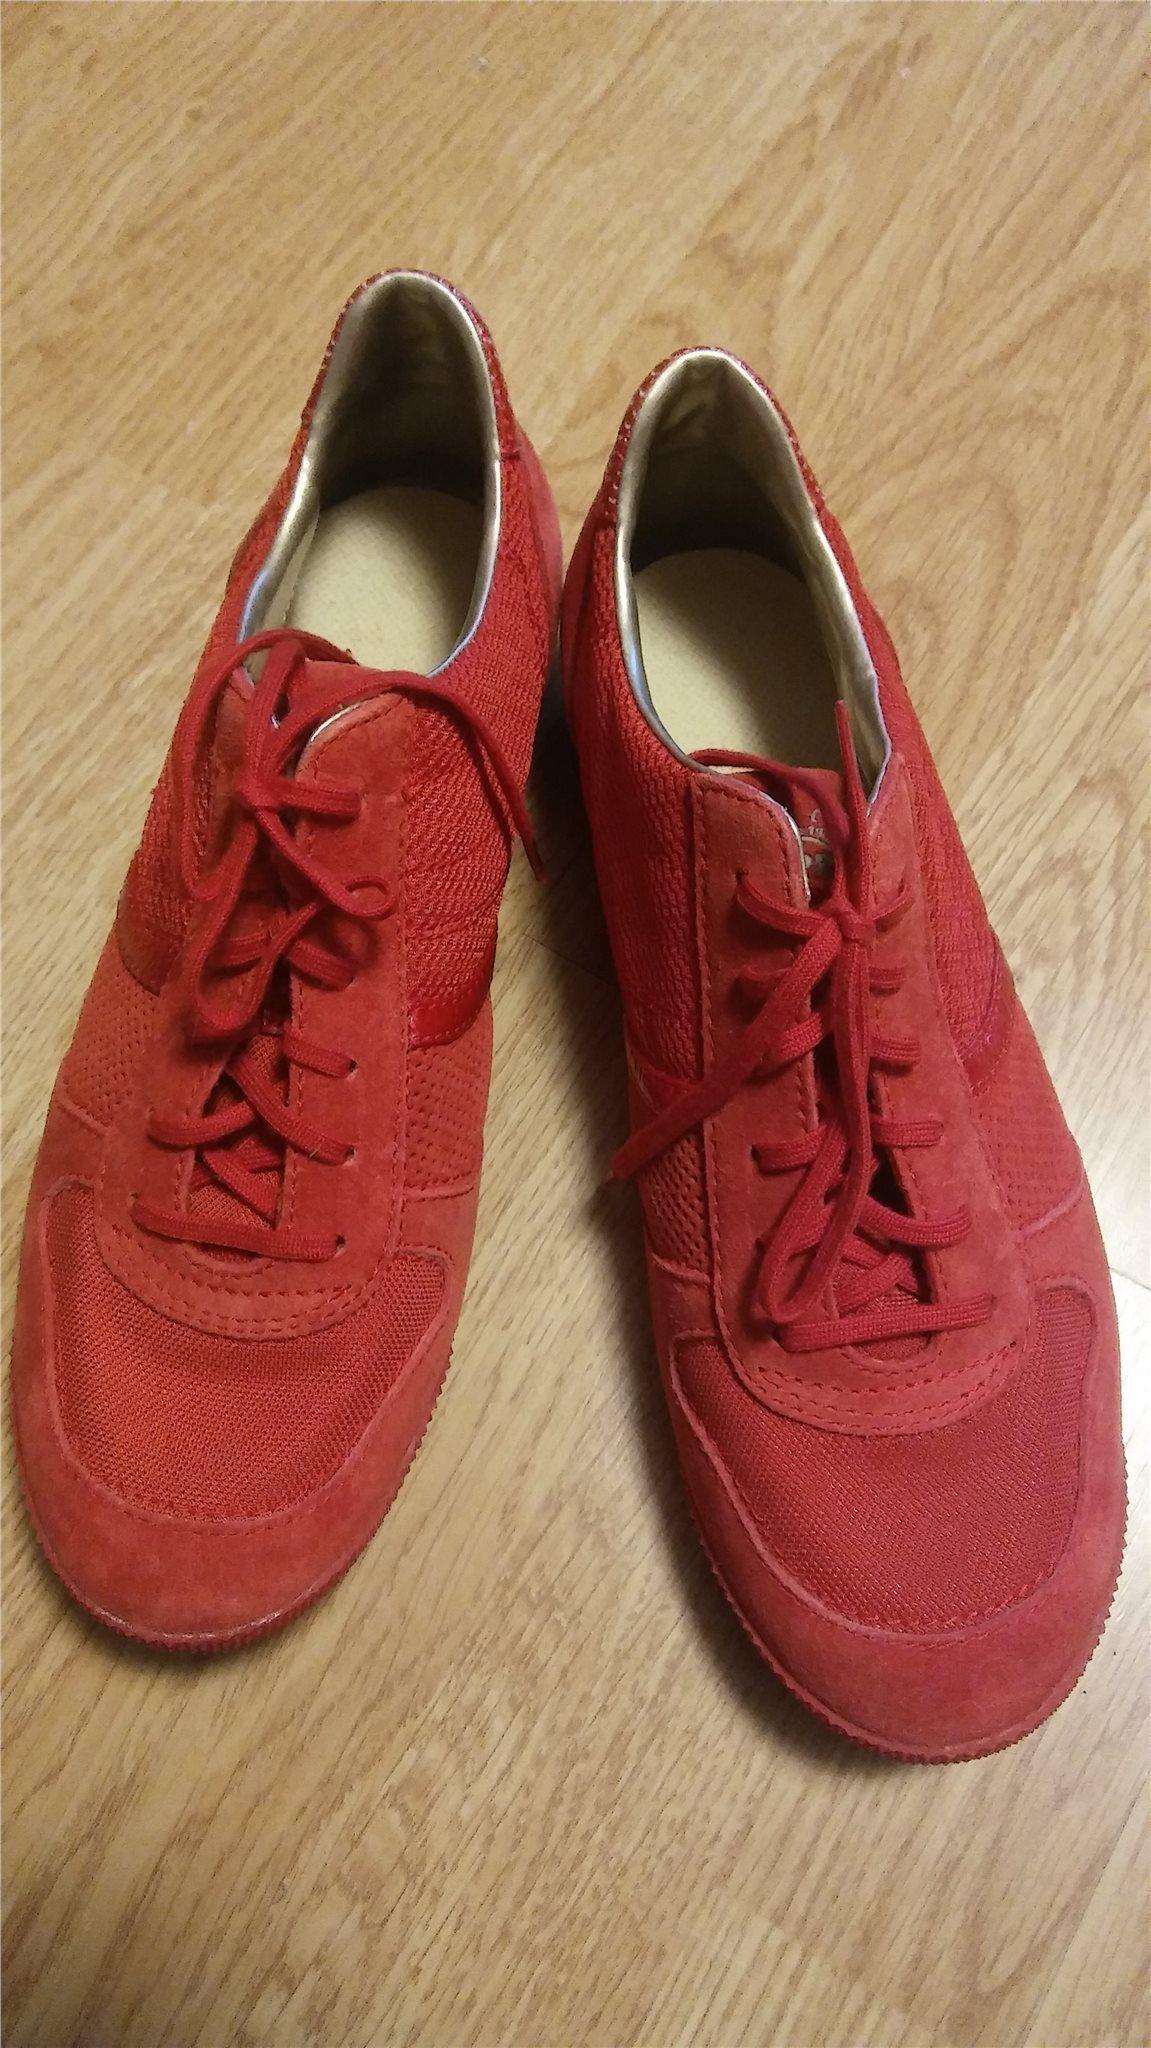 0c7411a6c09 Röda ESPRIT sneakers st 39,nya/oanvända. (345640151) ᐈ Köp på Tradera